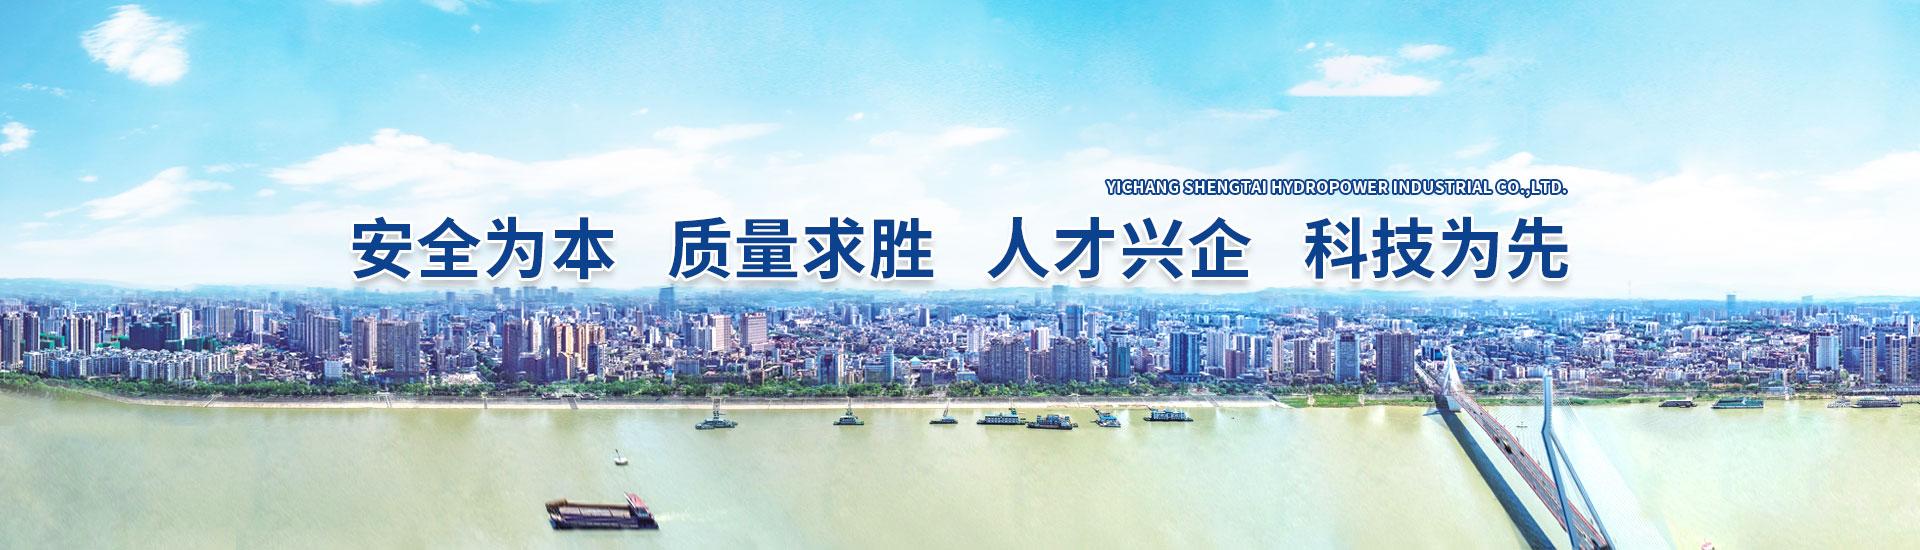 宜昌晟泰水电实业有限责任公司